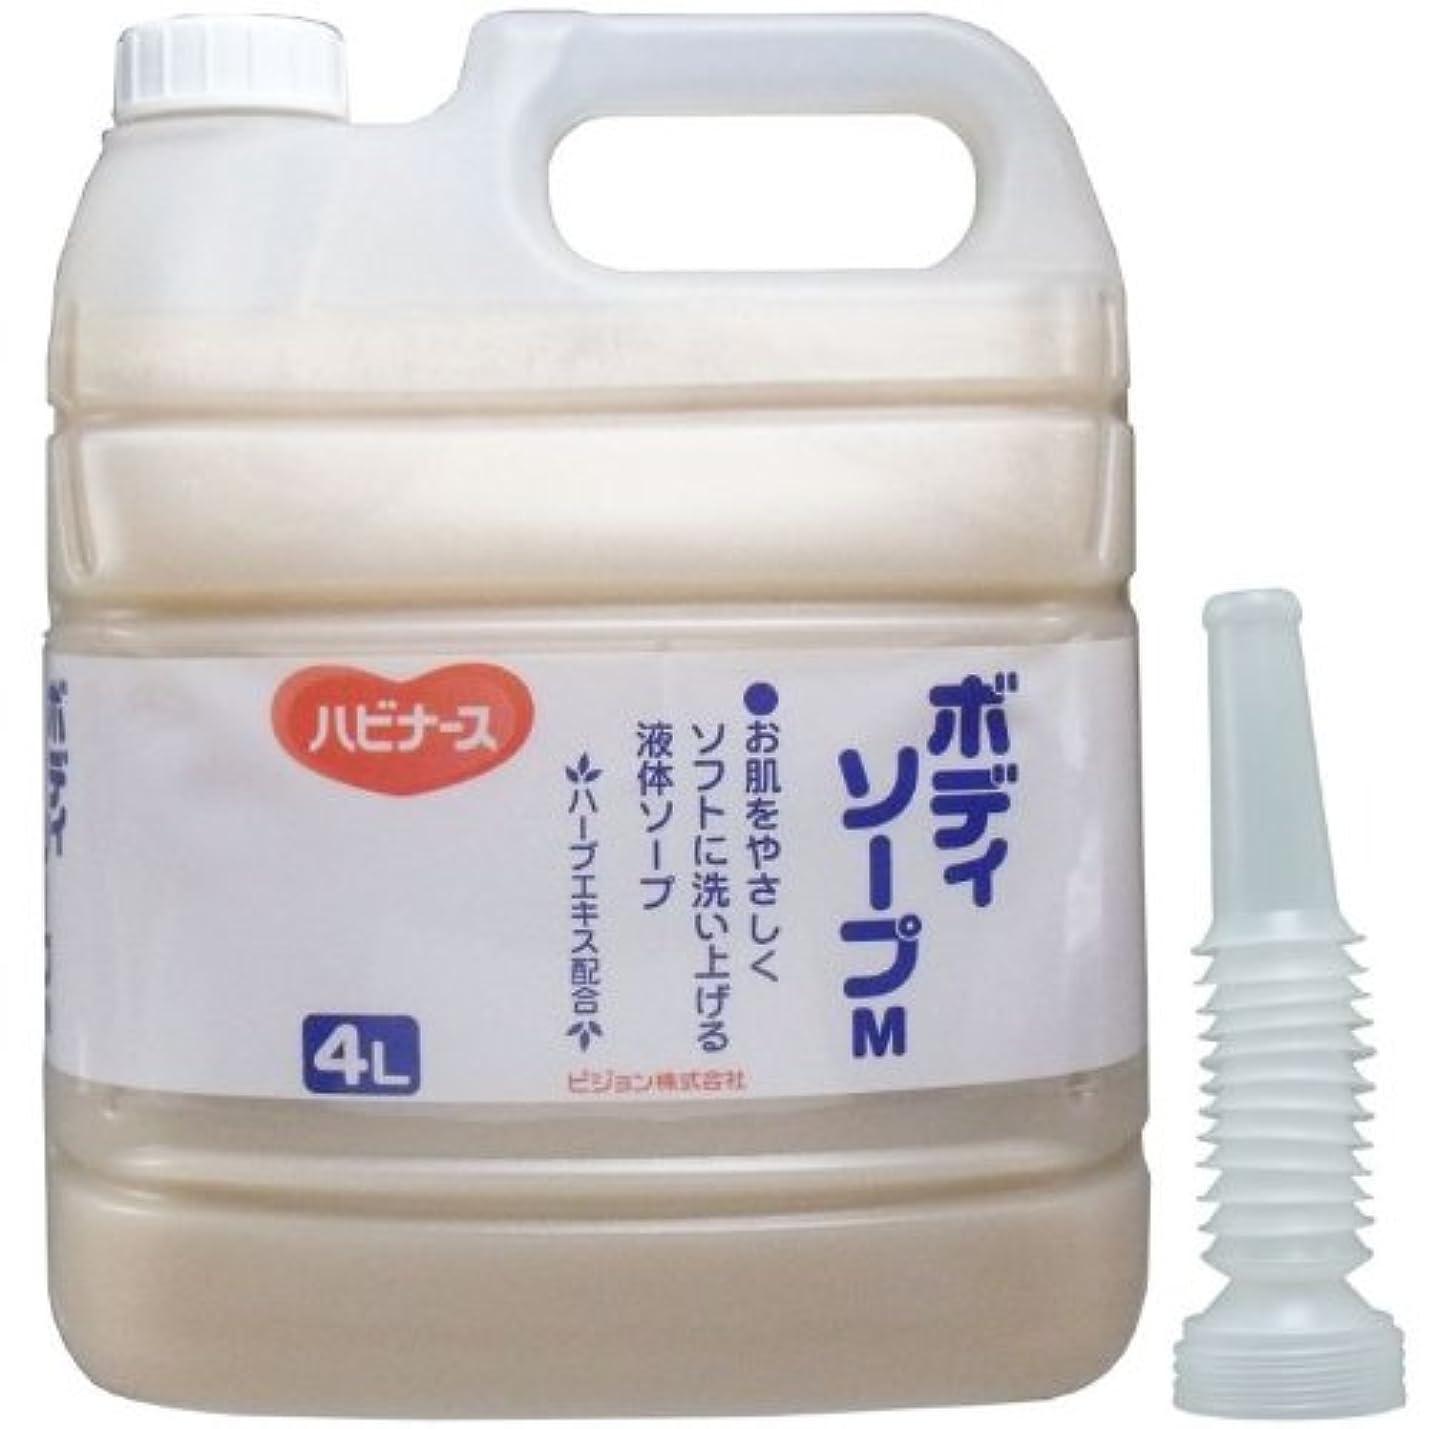 前件感謝祭痛い液体ソープ ボディソープ 風呂 石ケン お肌をやさしくソフトに洗い上げる!業務用 4L